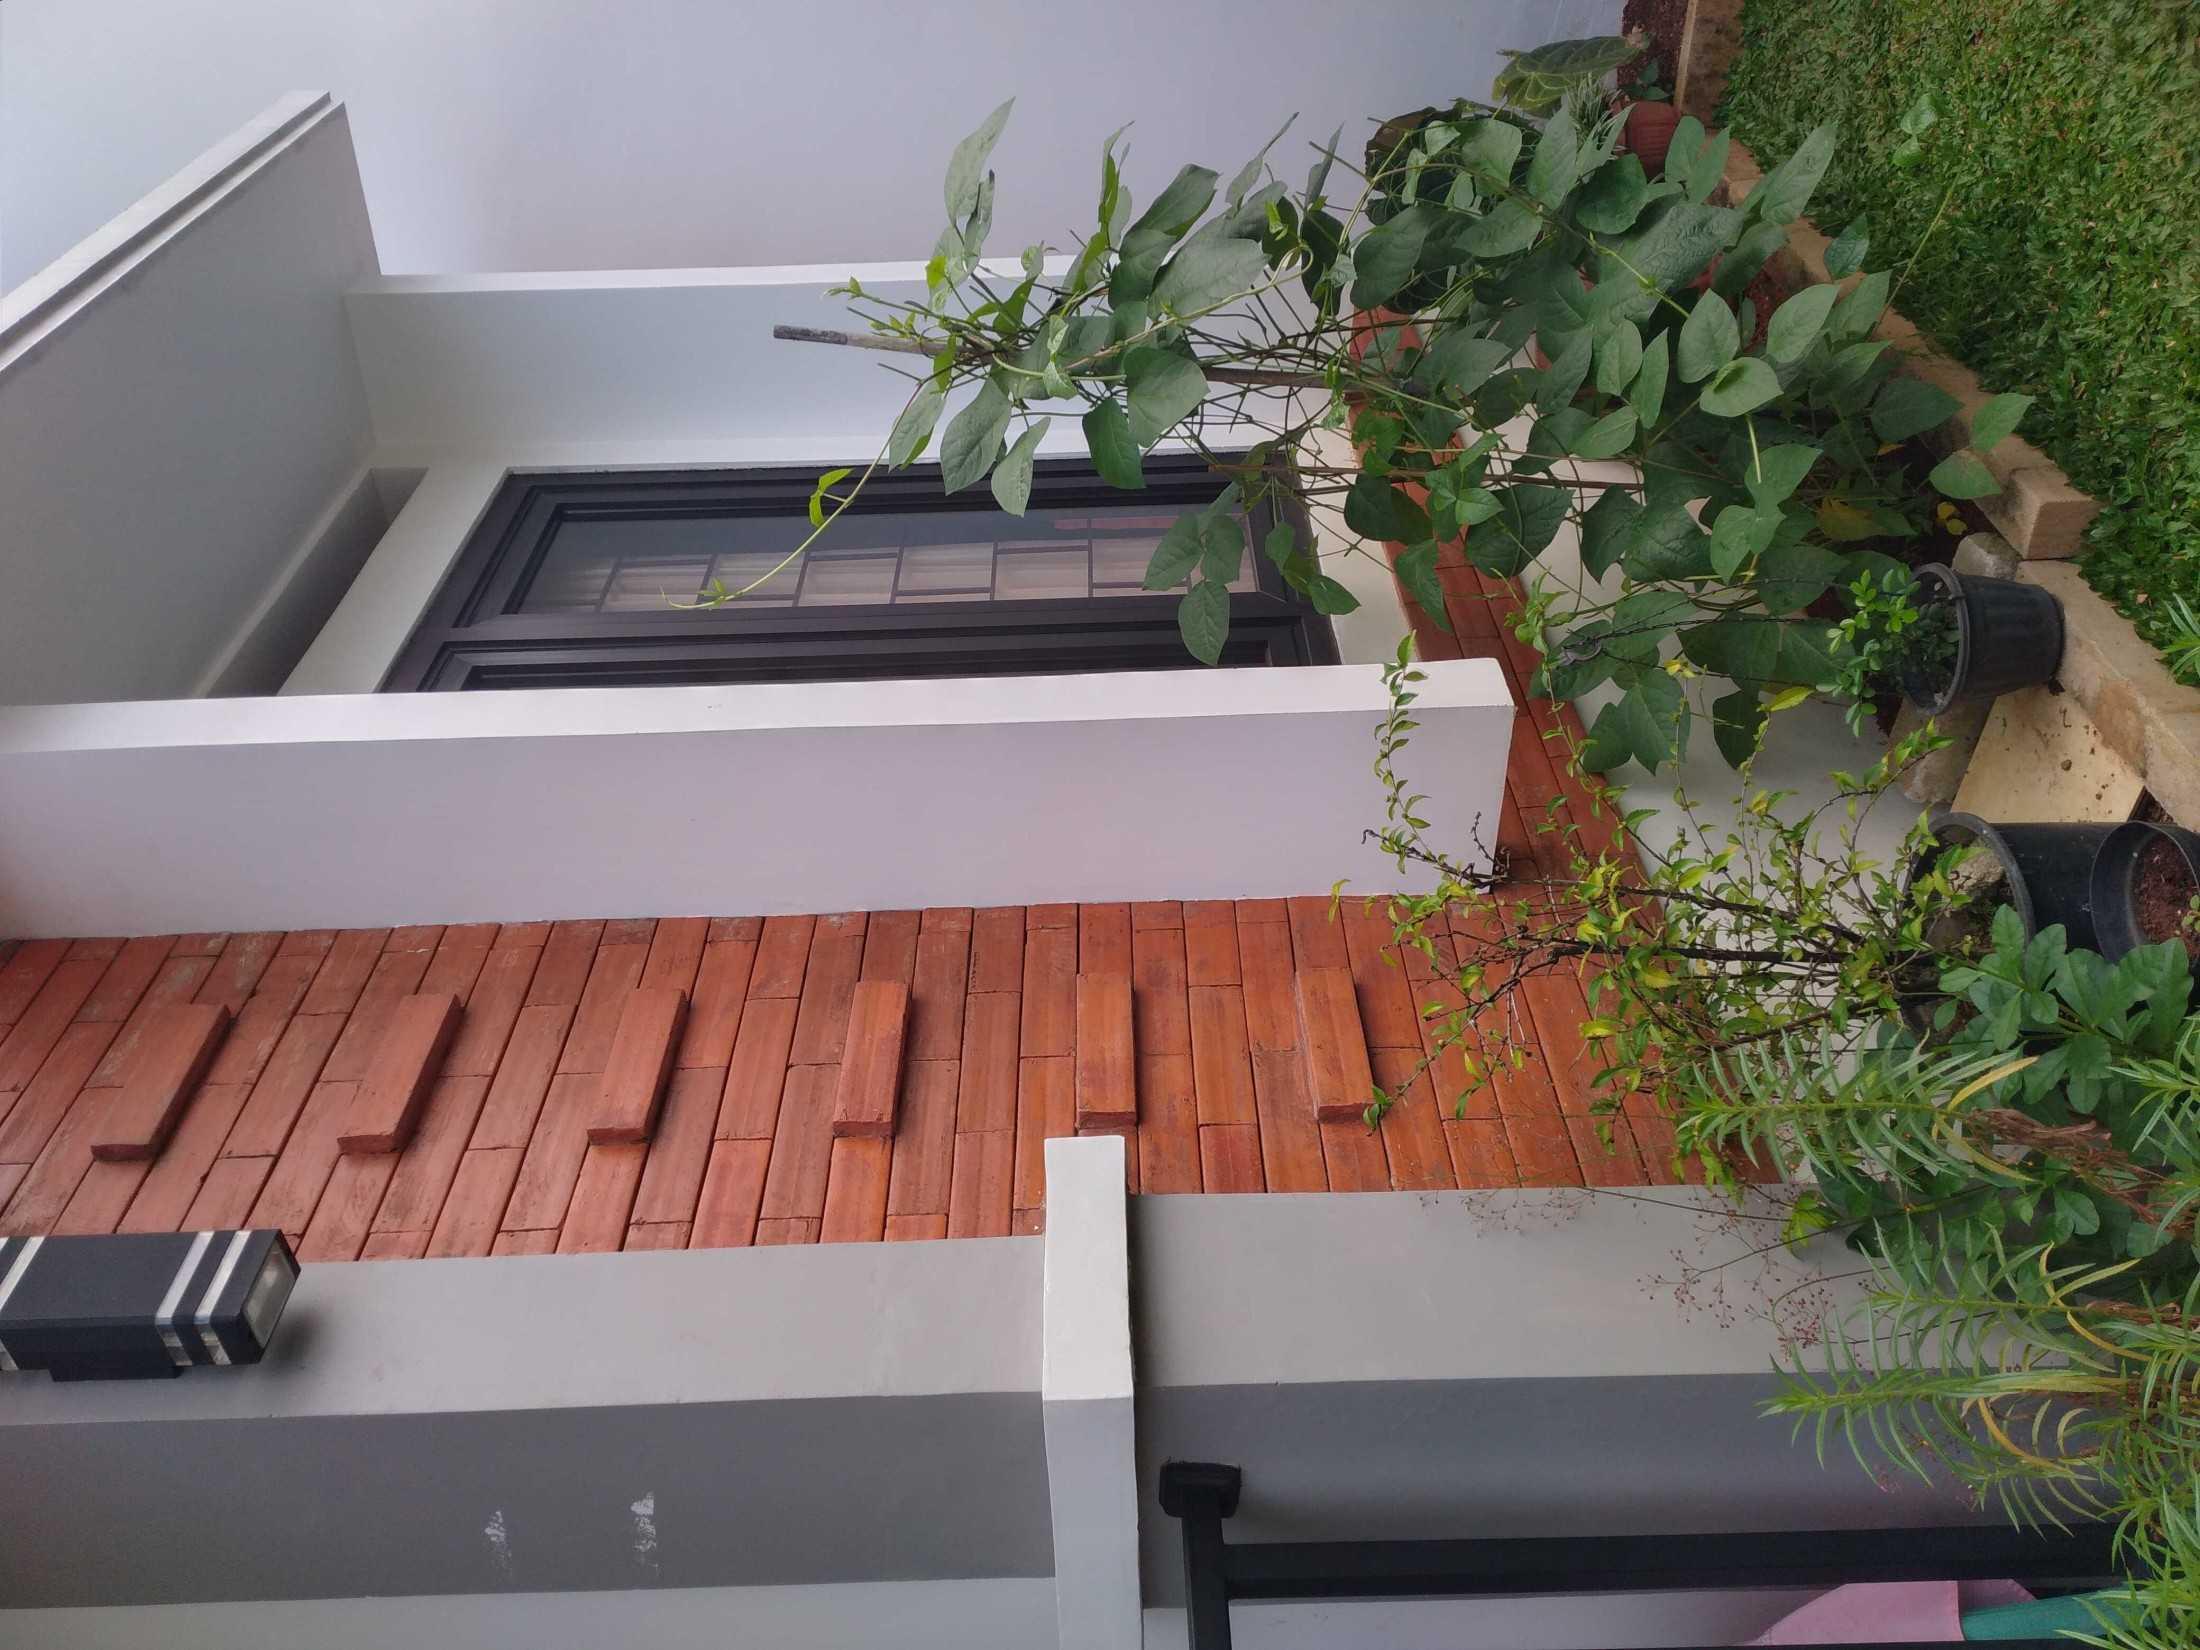 Mth29 Design [Design] Dr House - Bogor Bogor, Jawa Barat, Indonesia Bogor, Jawa Barat, Indonesia Mth29-Design-Design-Dr-House-Bogor  110818